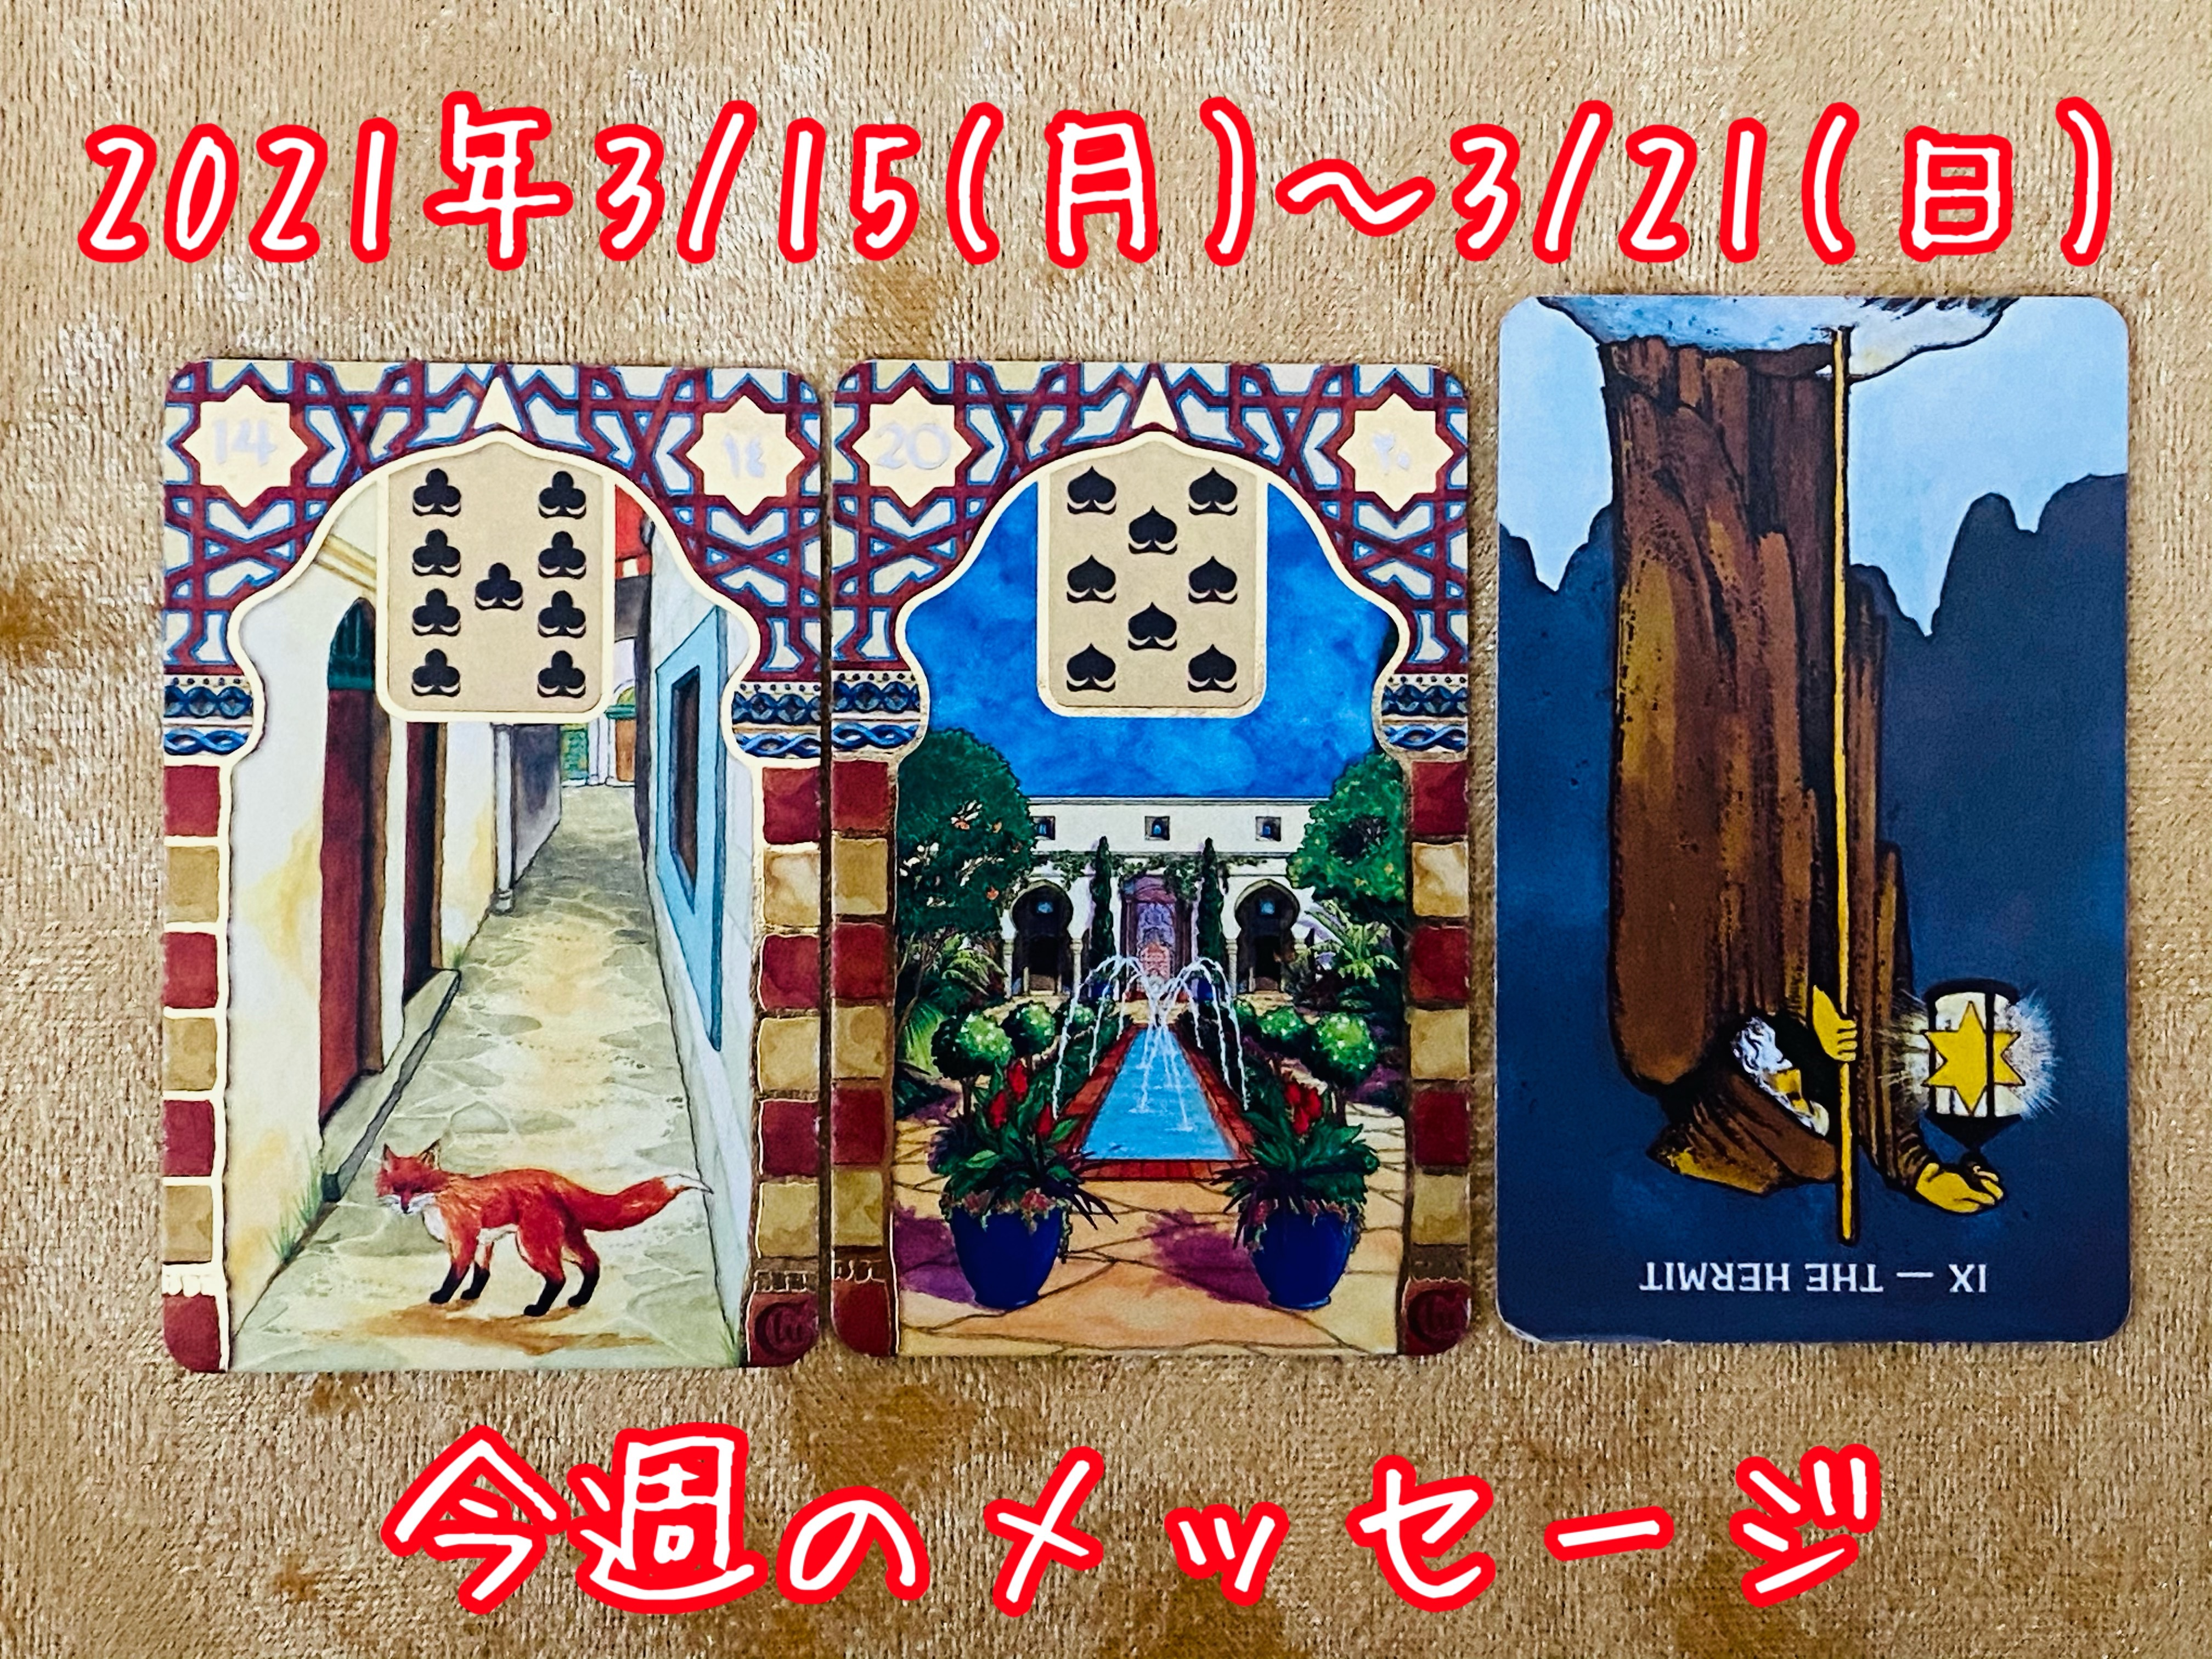 f:id:hana_su-hi:20210314161258j:image